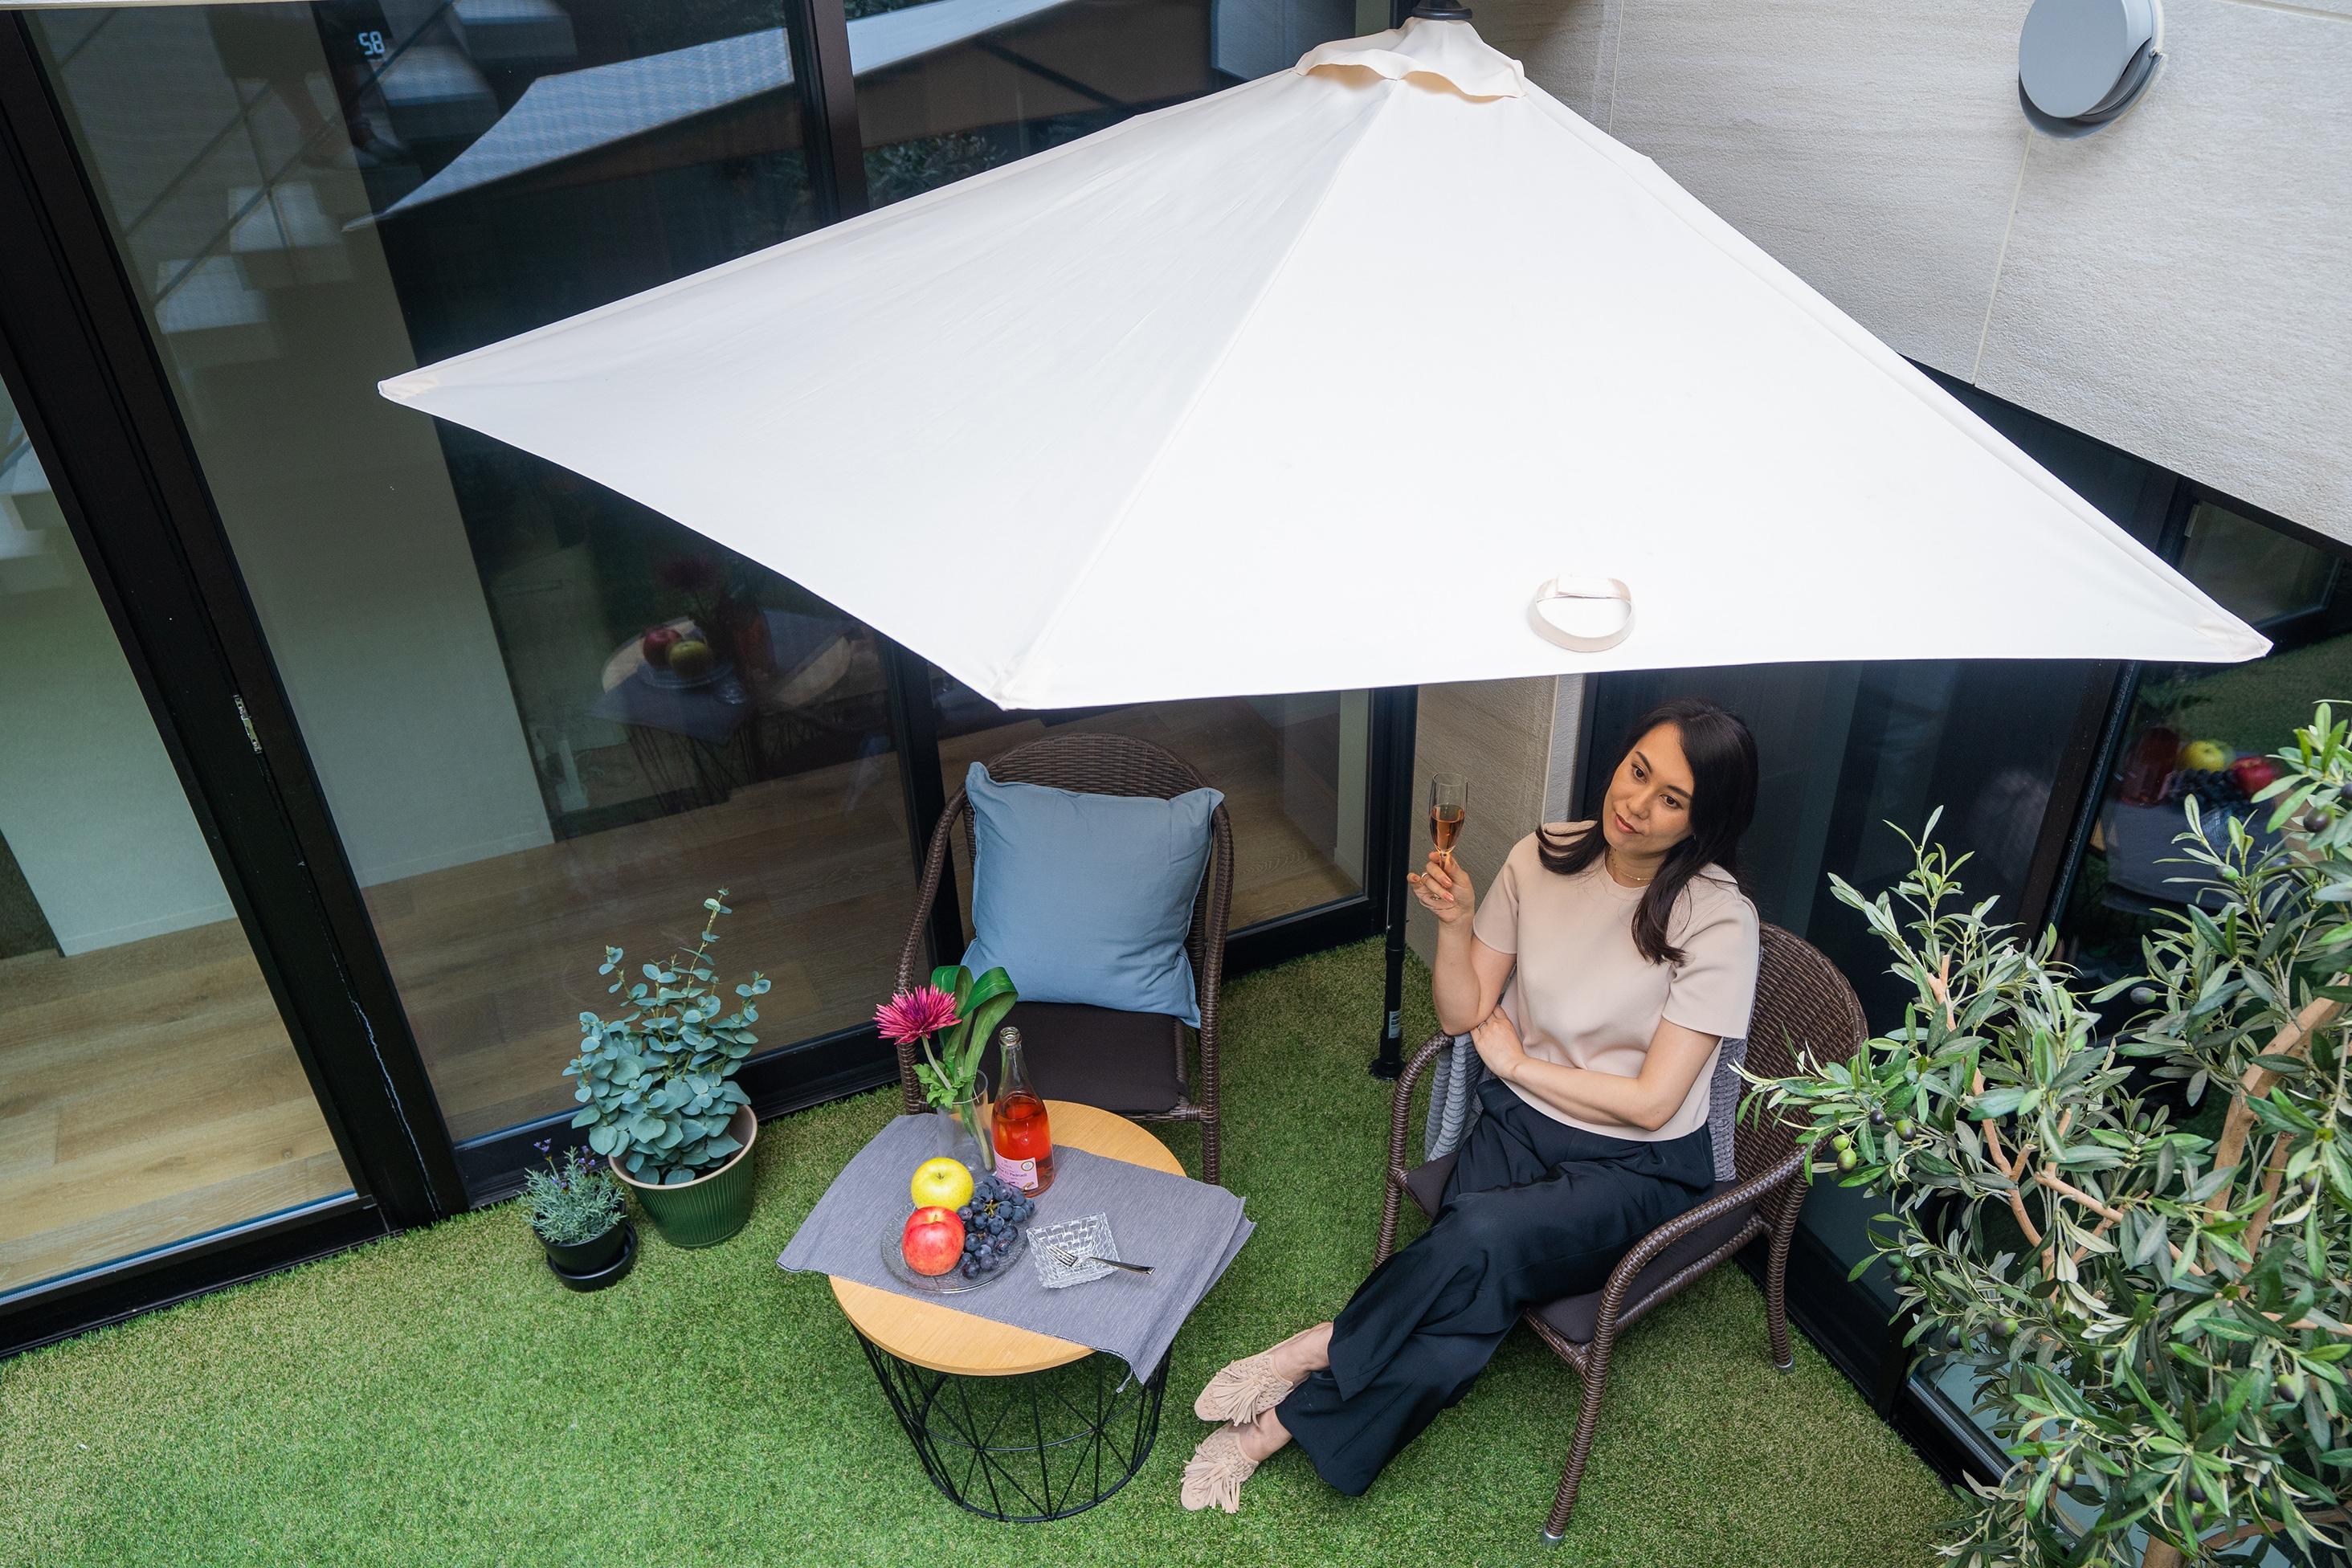 パラシェードクォーター,自宅の庭で設置し、くつろぐ女性の写真